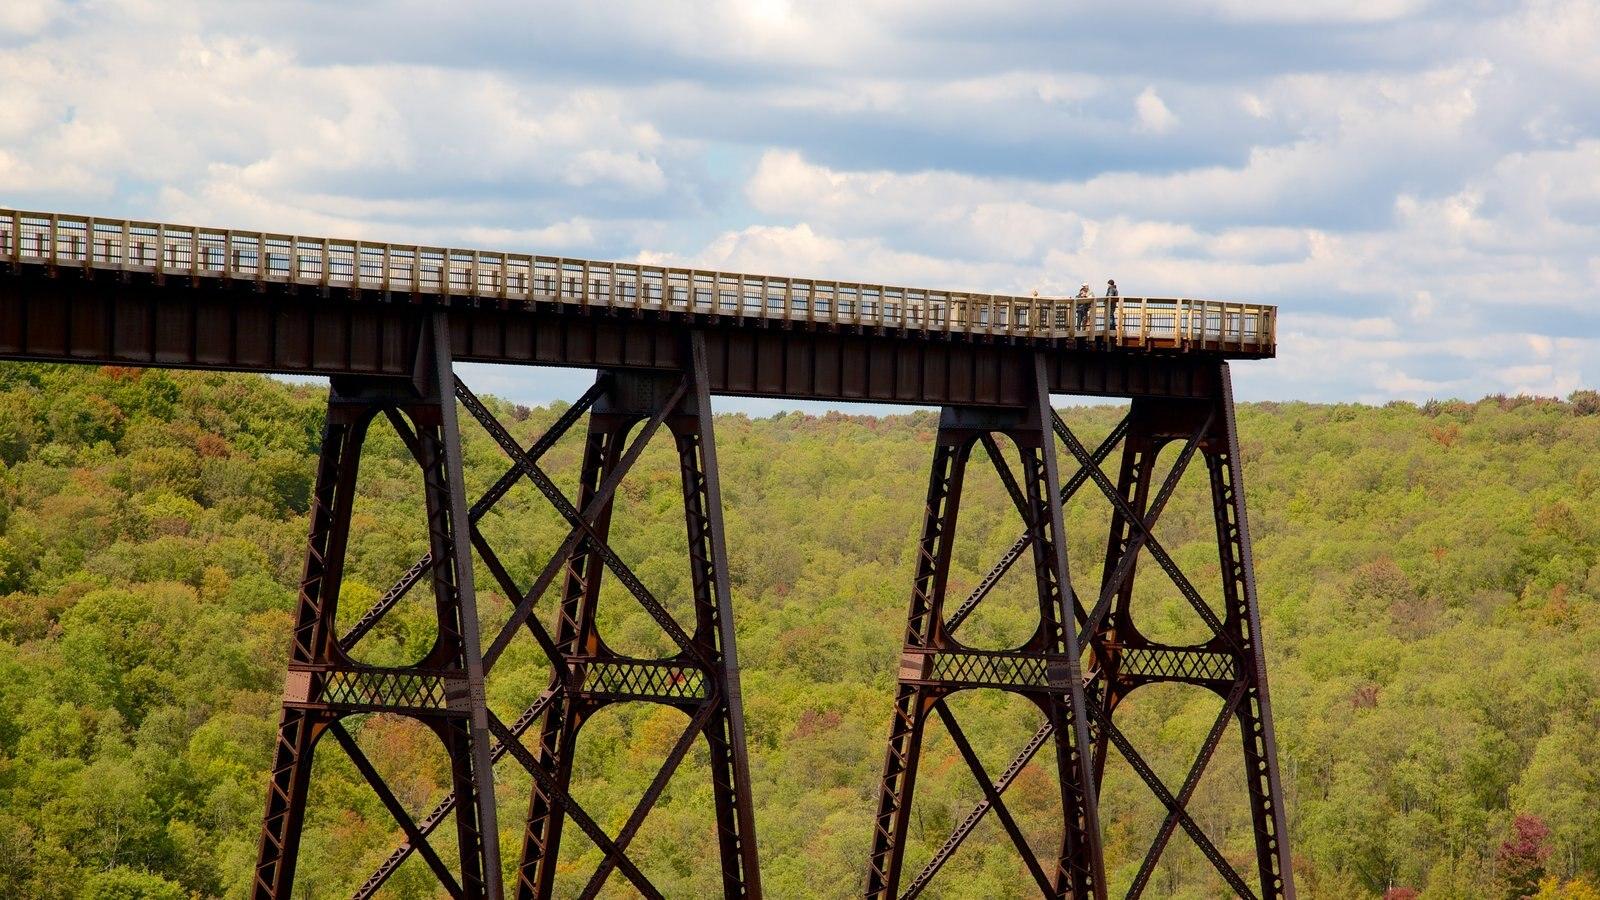 Noroeste de Pensilvânia que inclui paisagens, cenas de floresta e uma ponte